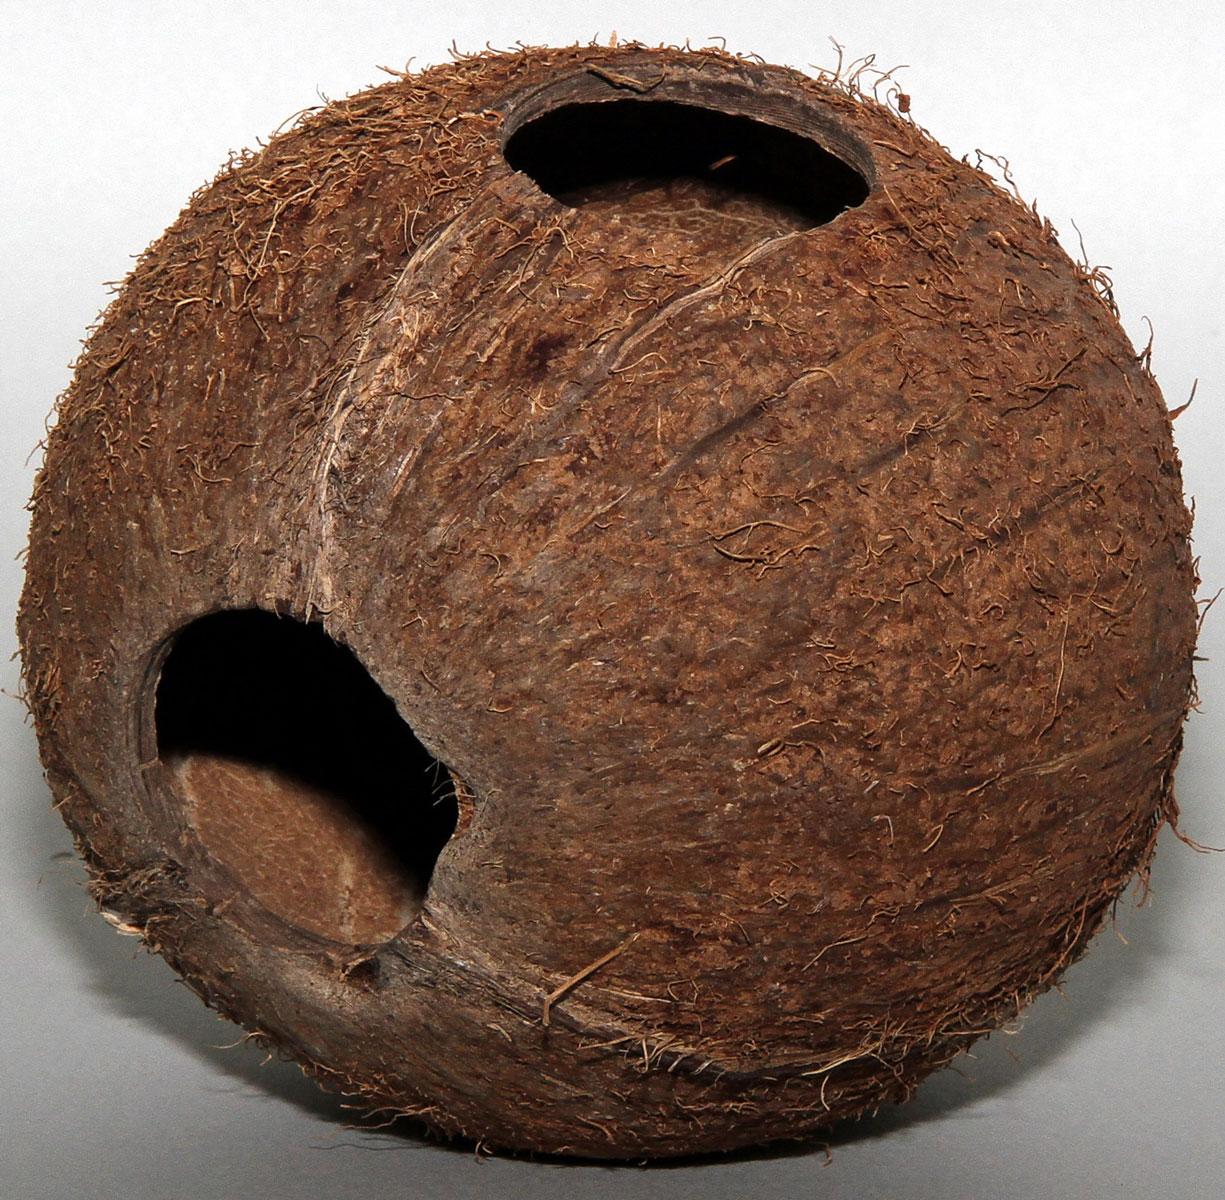 Пещера декоративная для аквариума JBL Cocos Cava, из кожуры кокоса, 12,5 х 13 х 12,5 смJBL6151300Декоративная пещера JBL Cocos Cava - это идеальное место для нереста и укрытия рыб, отличное укрытие для сна обитателей террариума. Продукт натуральный, нейтральный в воде, он не выделяет нежелательные загрязнения в воду и безопасен для обитателей аквариума, террариума и растений. Пещера станет оригинальным украшением для вашего аквариума. Сделайте аквариум биотопным и творите. Оформите аквариум в соответствии с вашими пожеланиями натуральными продуктами.